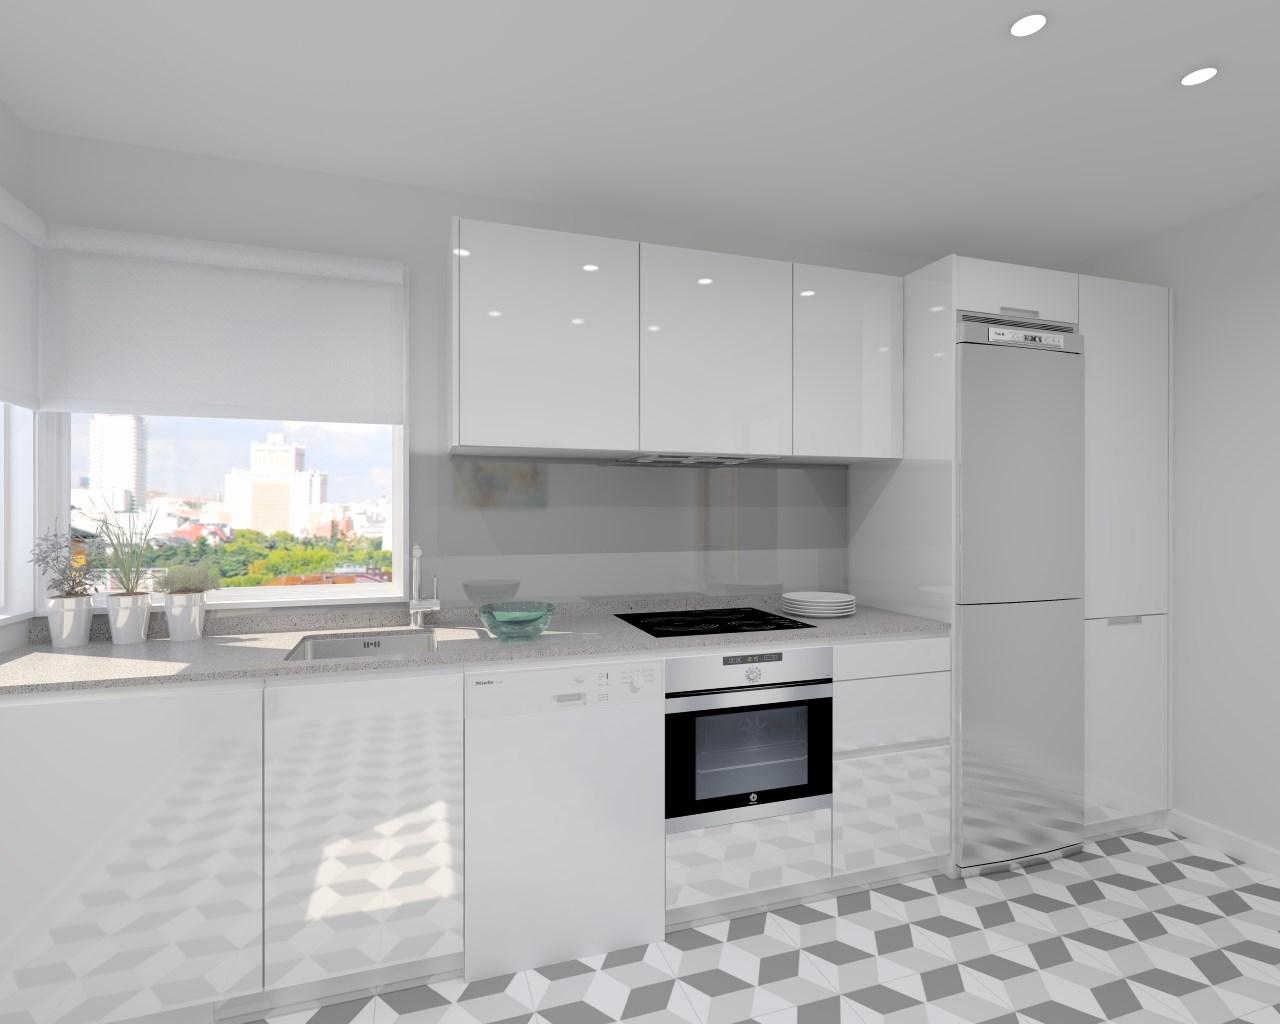 Cocina santos modelo line laminado blanco brillo encimera for Cocinas blancas con silestone